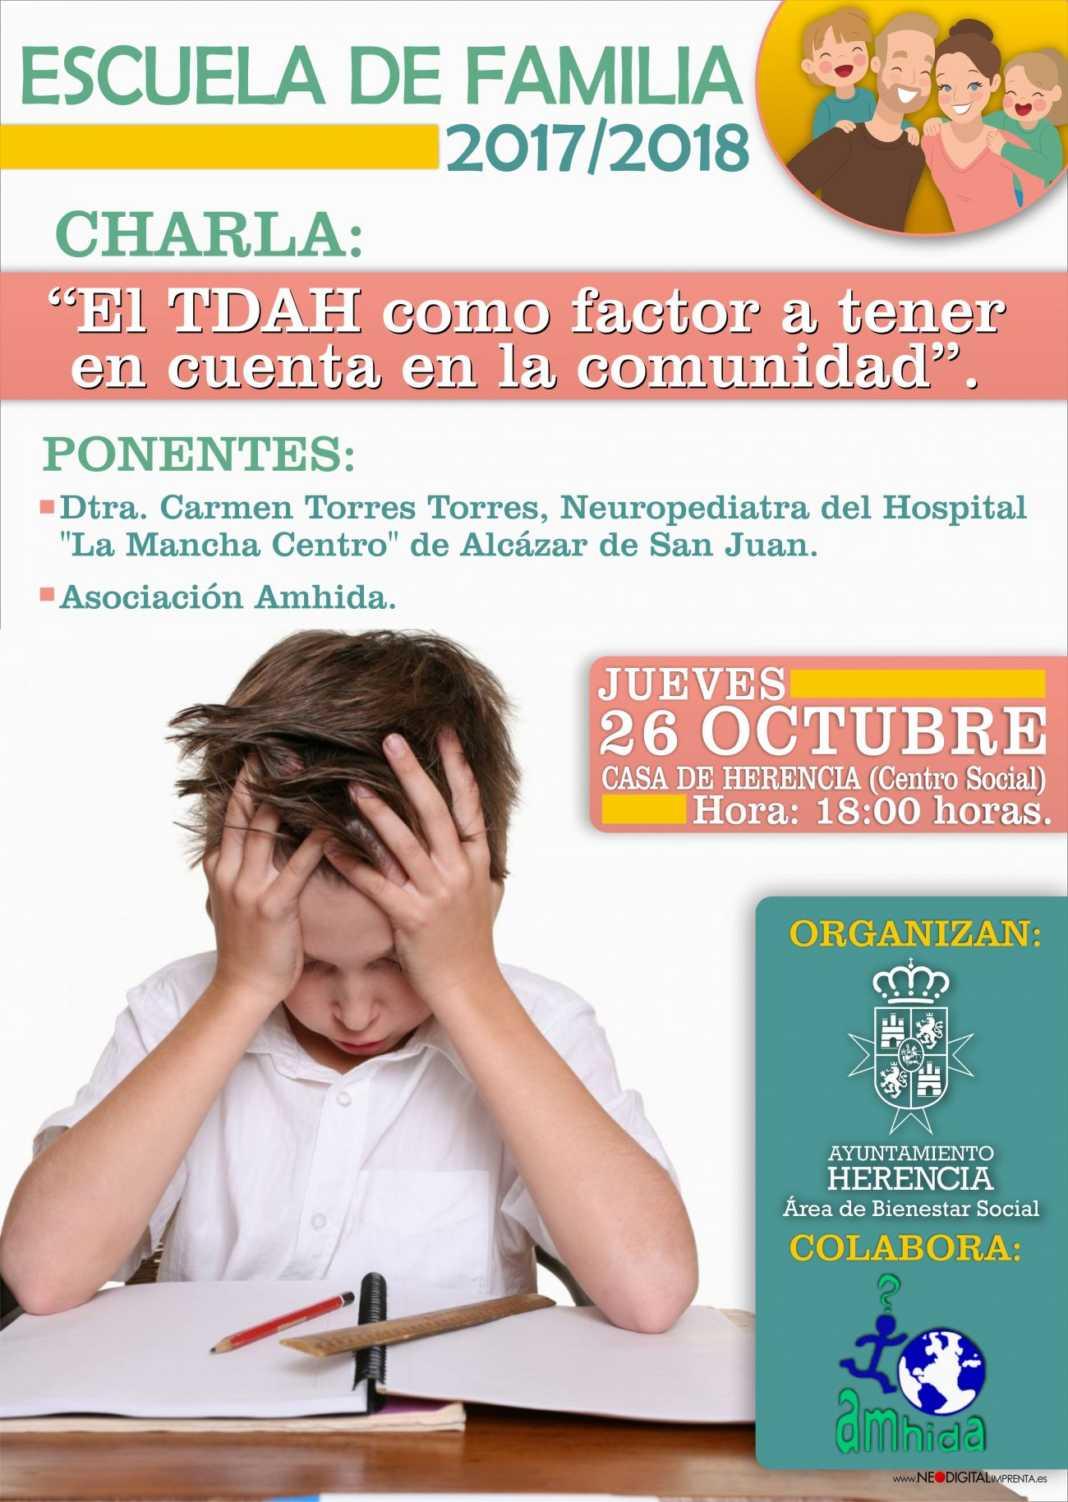 escuela de familia tdah 1068x1502 - La Escuela de Familia inicia su temporada con una charla sobre TDAH